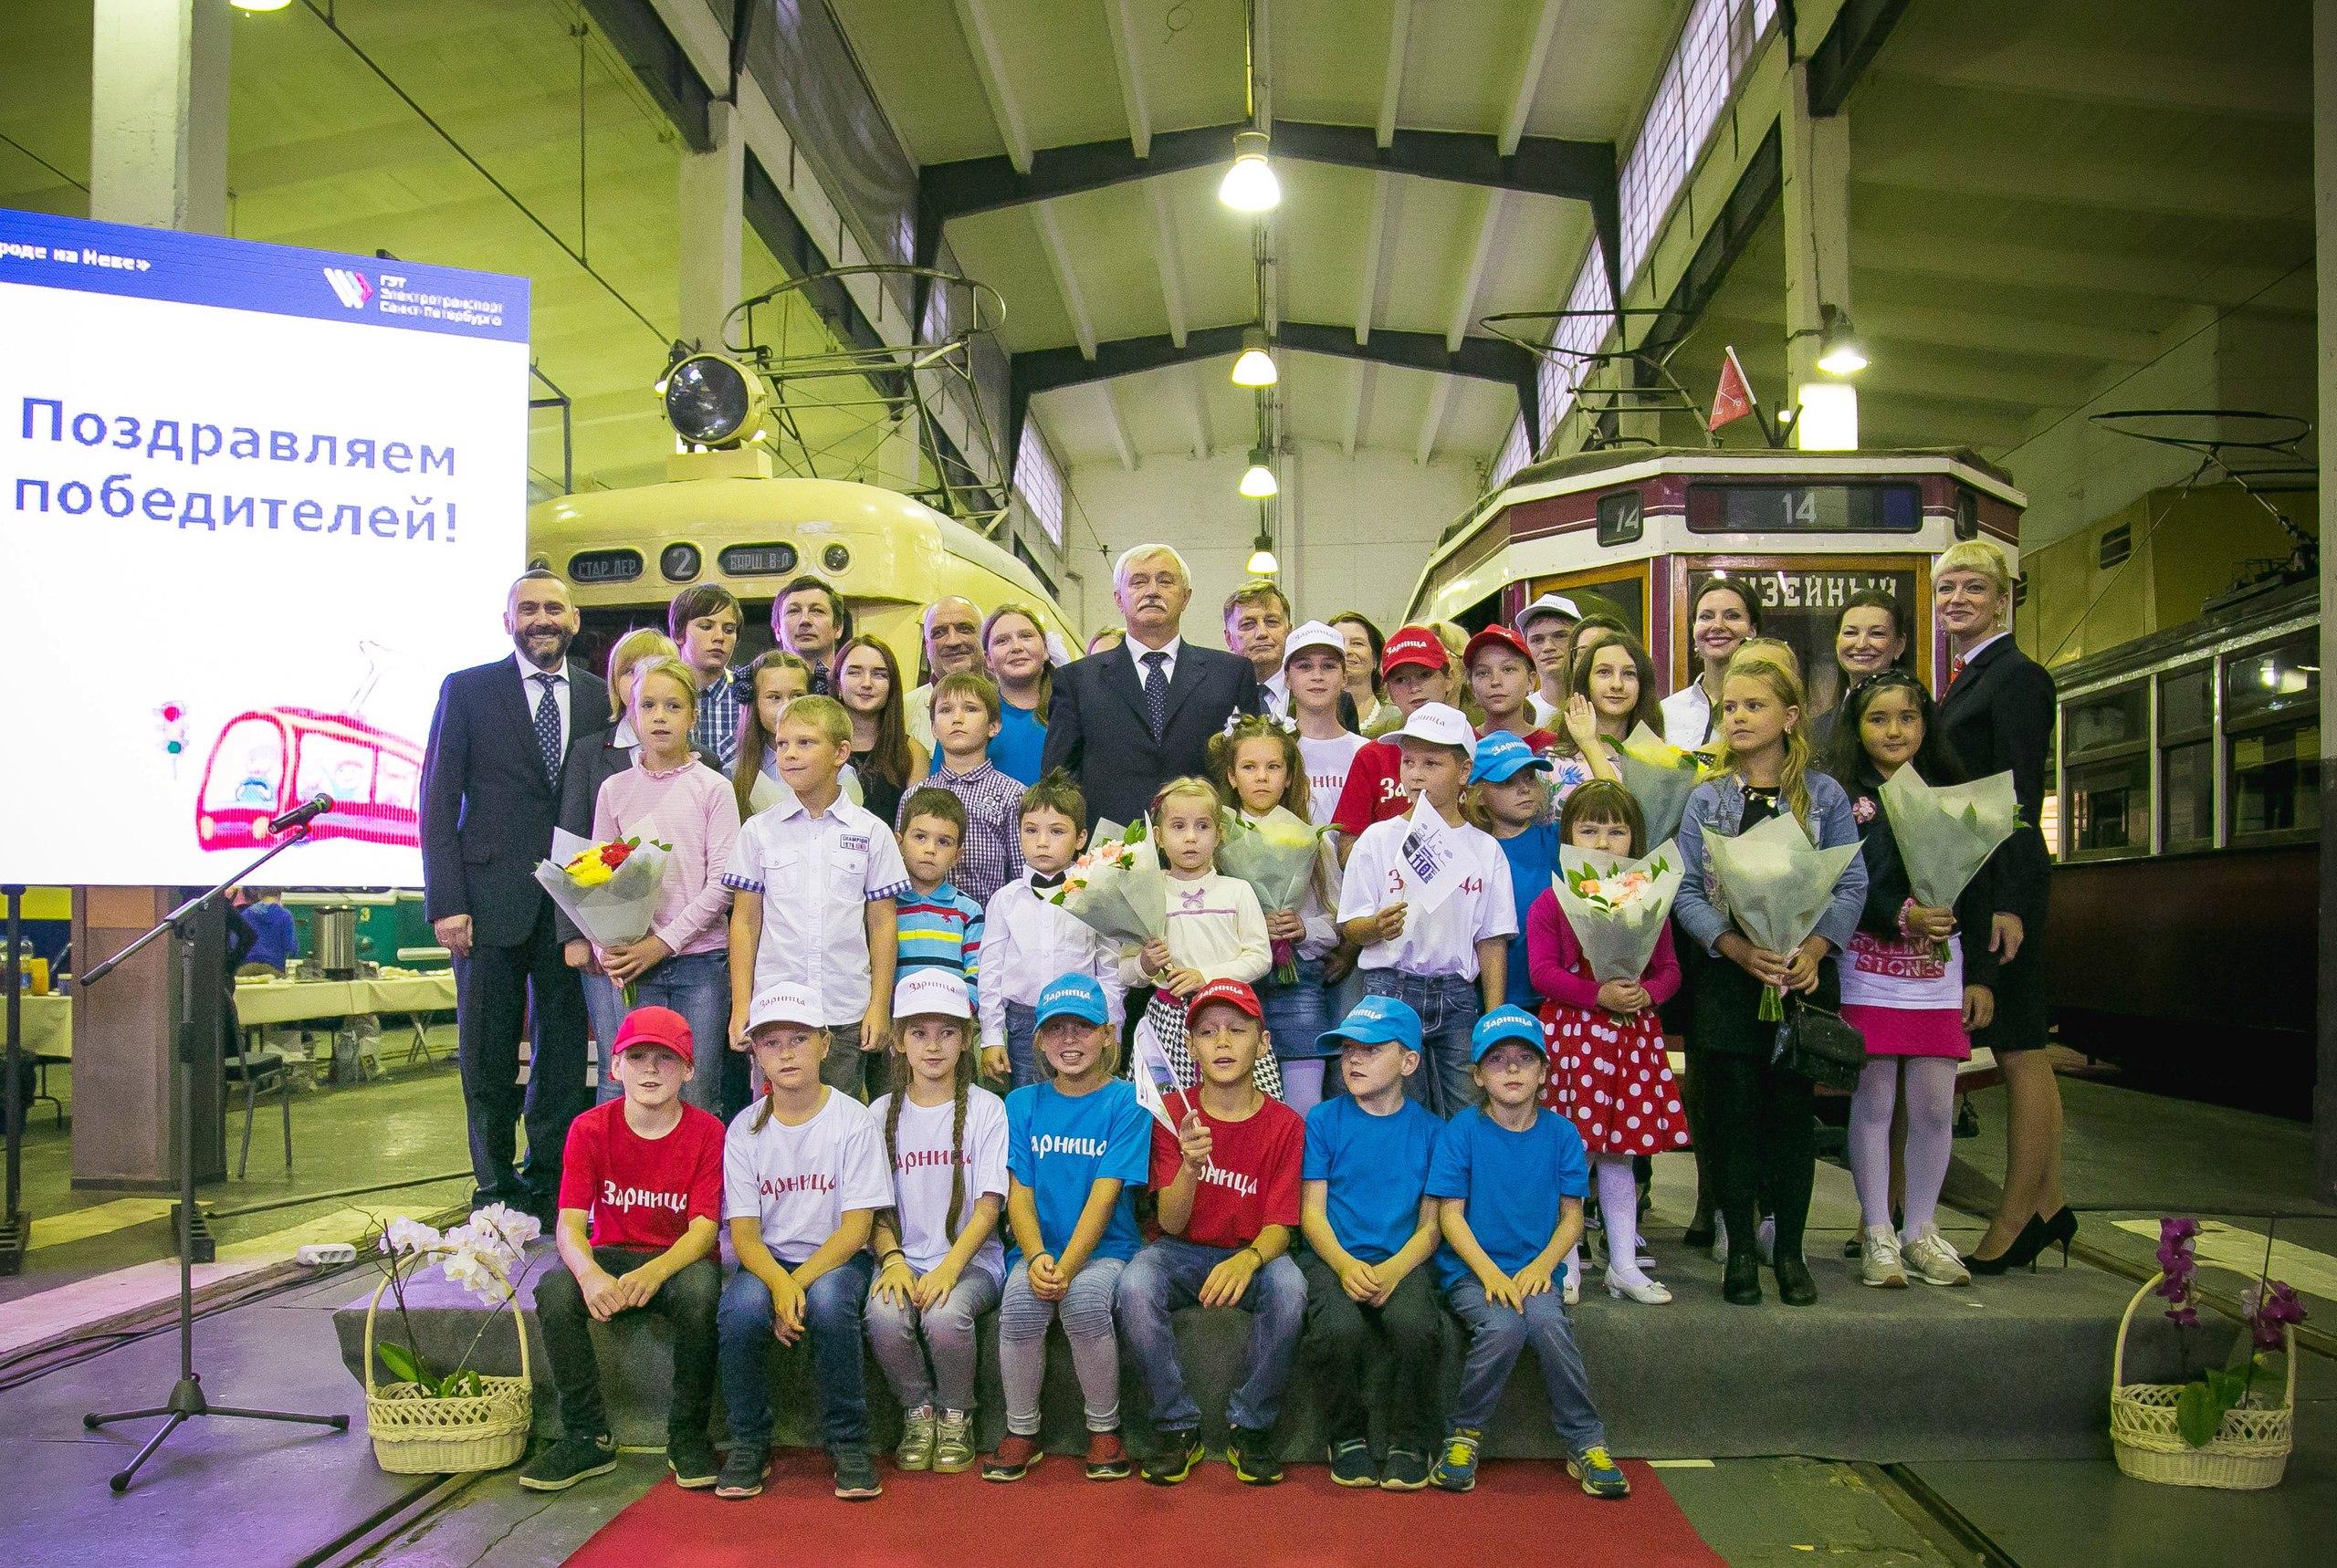 Георгий Полтавченко поздравил победителей конкурса рисунков «Трамваи и троллейбусы в городе на Неве»